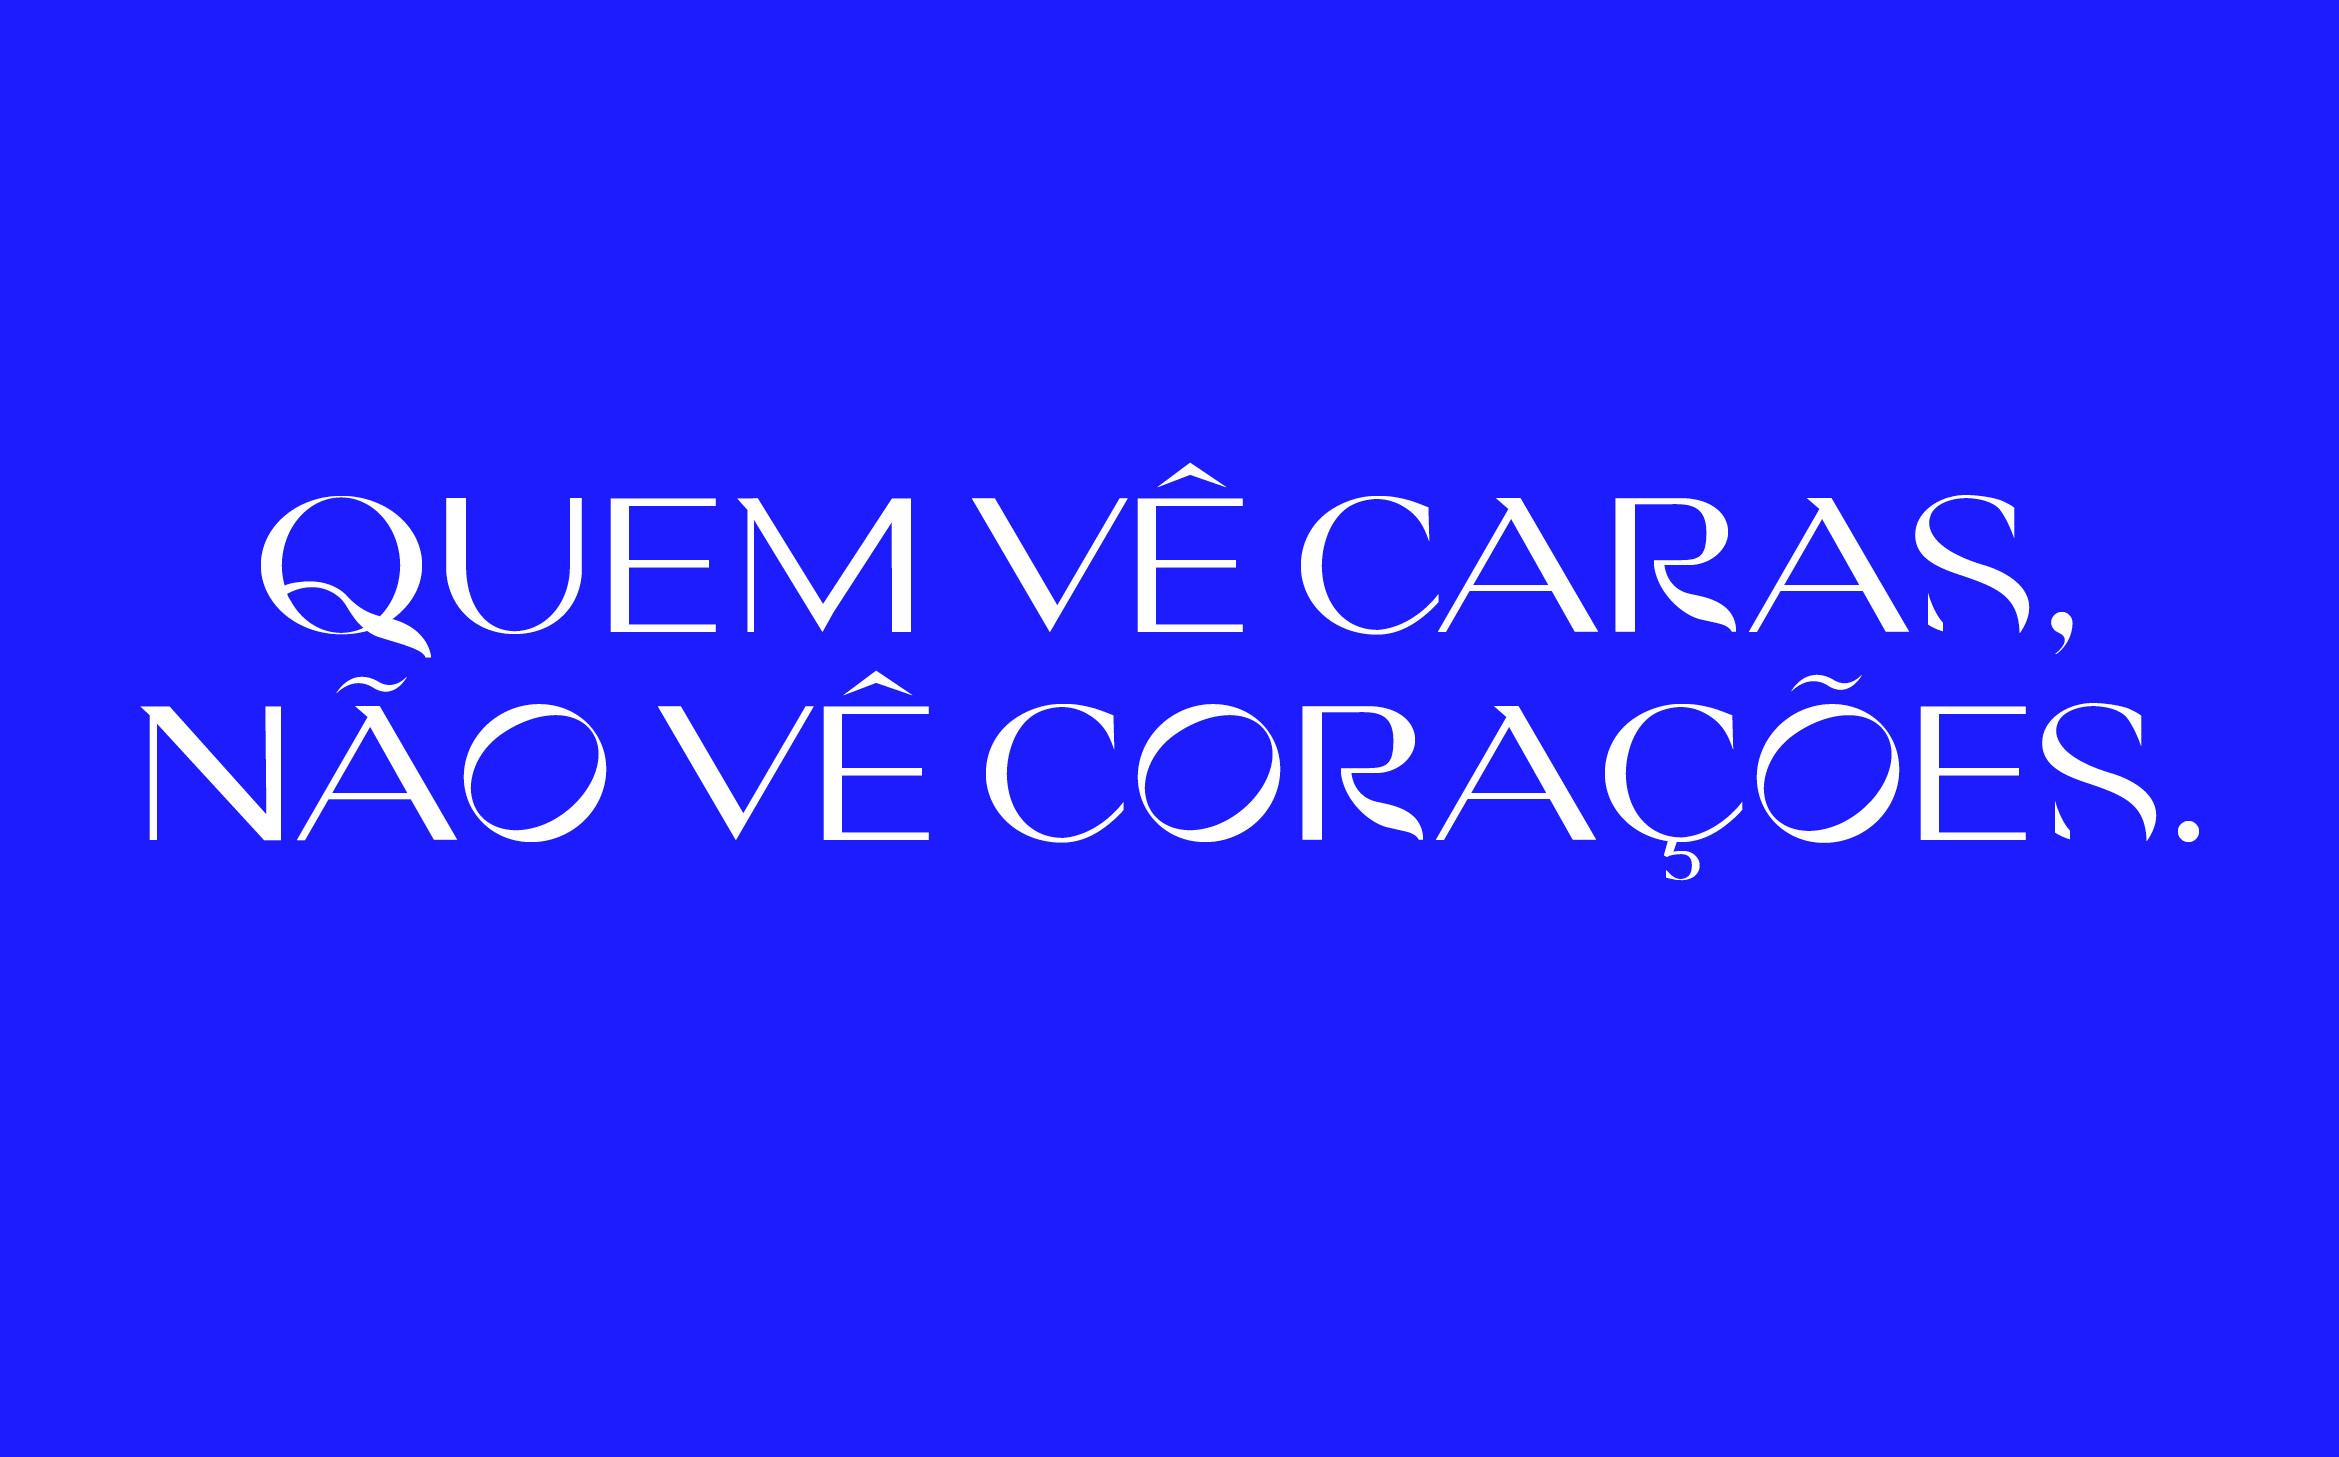 Cosi-Times-Typeface-Font-Nikolas-Wrobel-_Alphabet-Pangram9